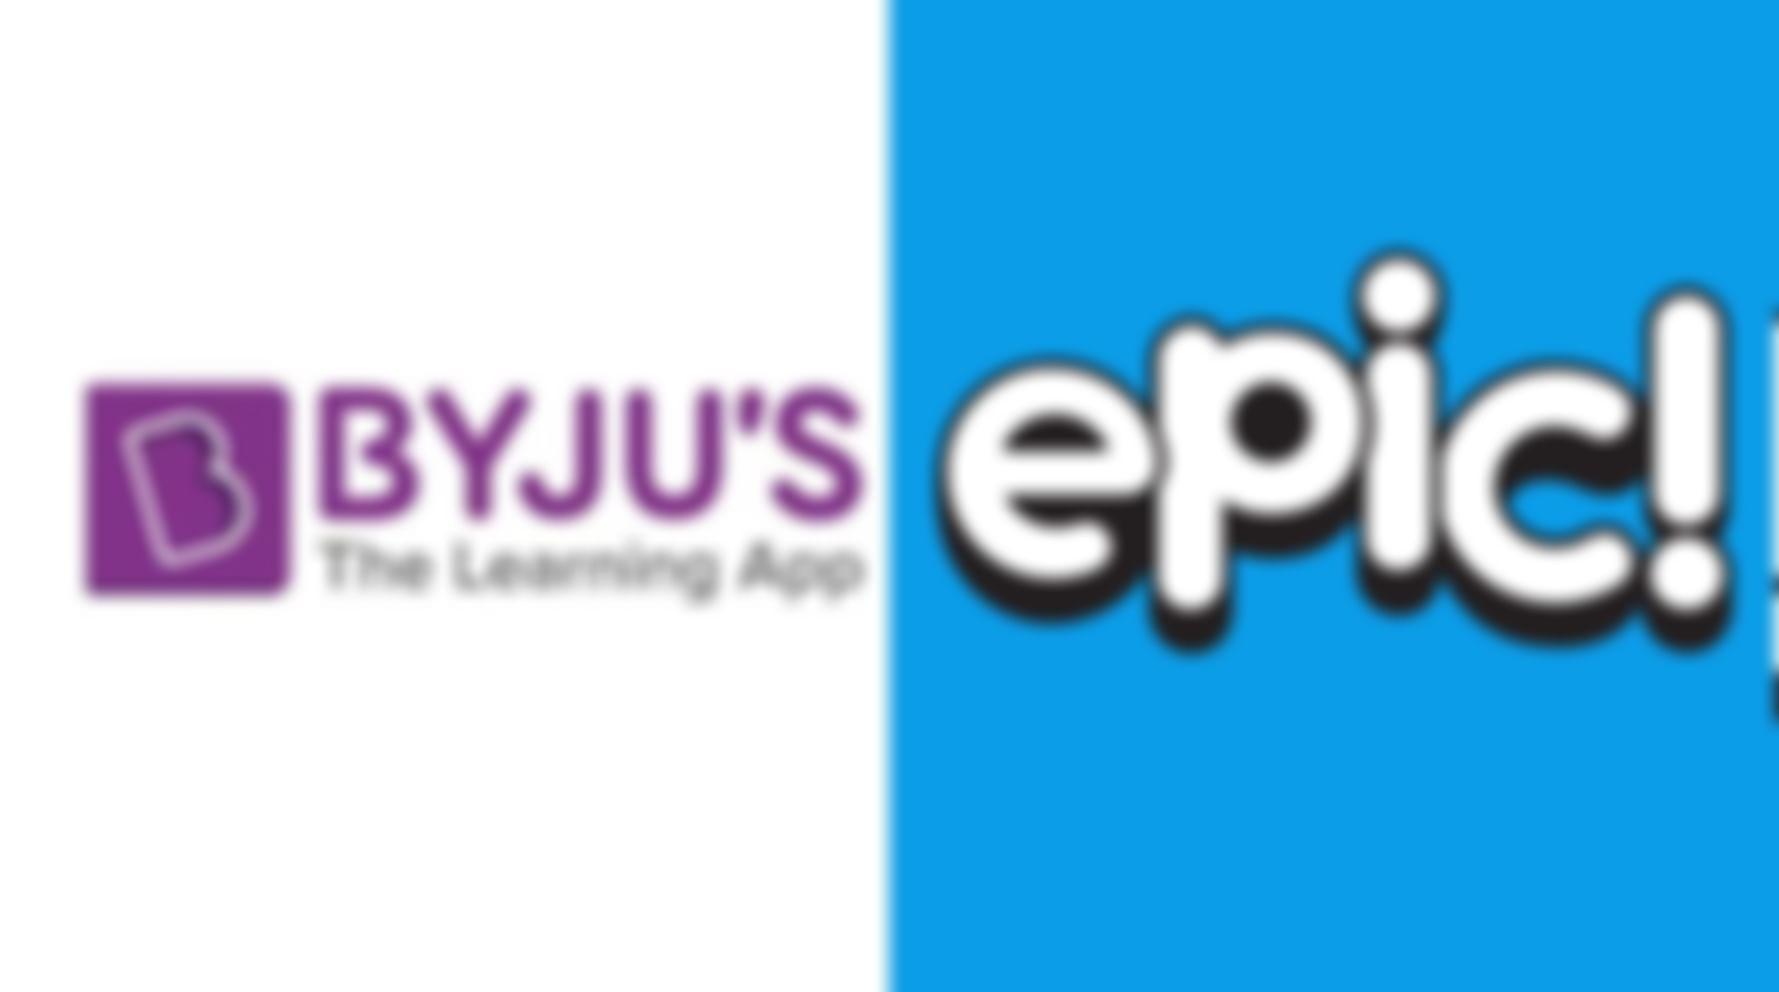 bjyu's epic